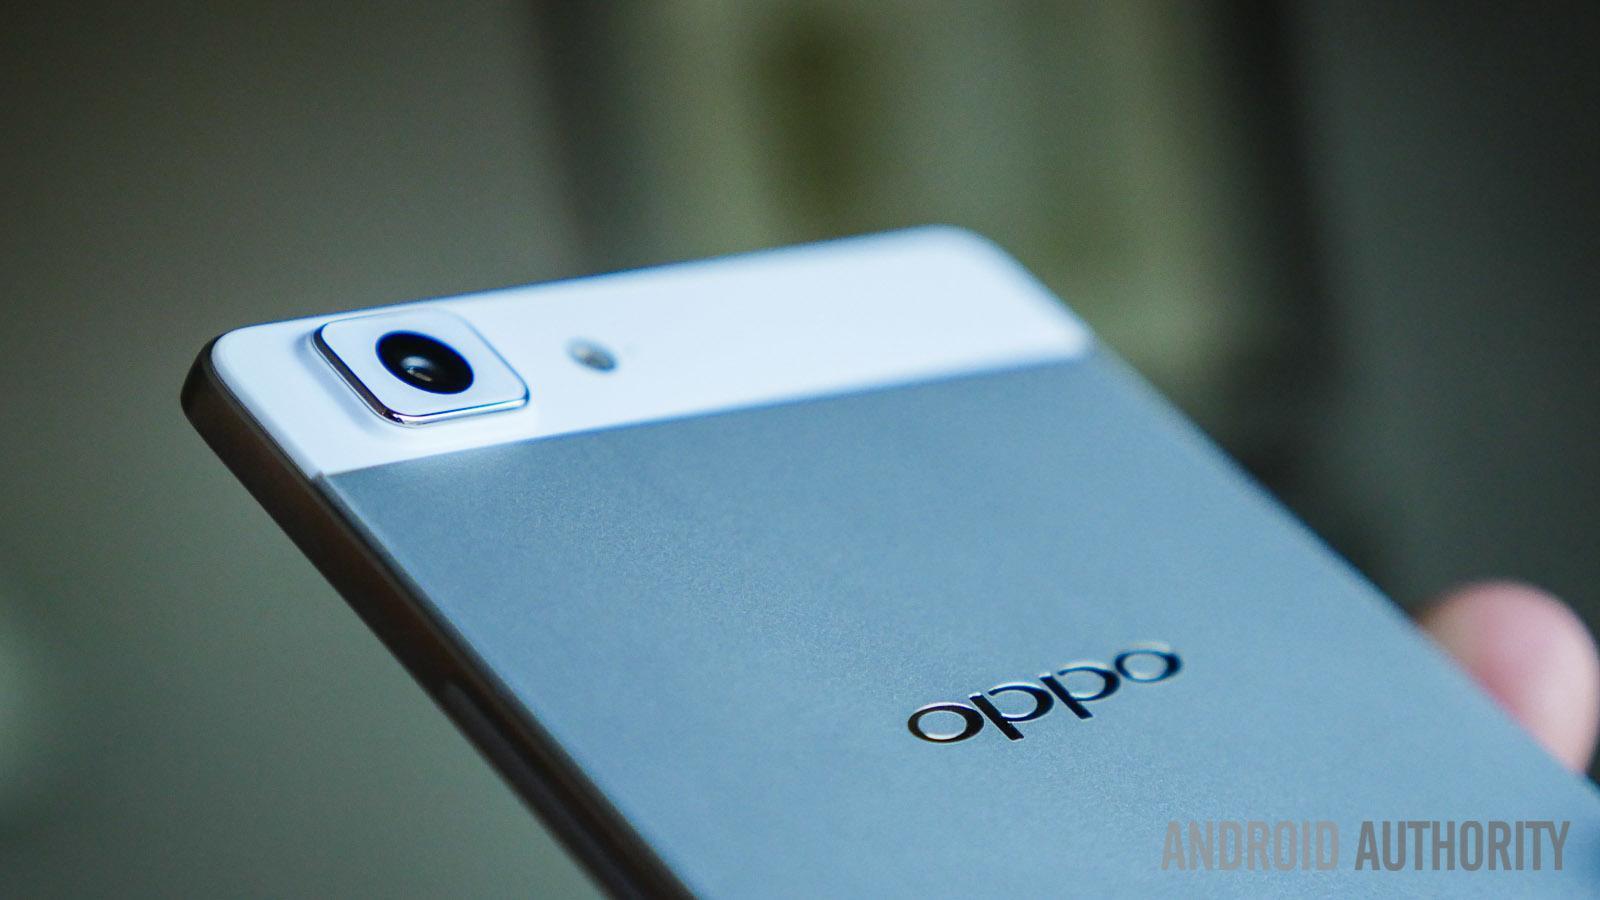 Review Oppo R5 Smartphone | Selamat Datang di Situs Bangdotcoms